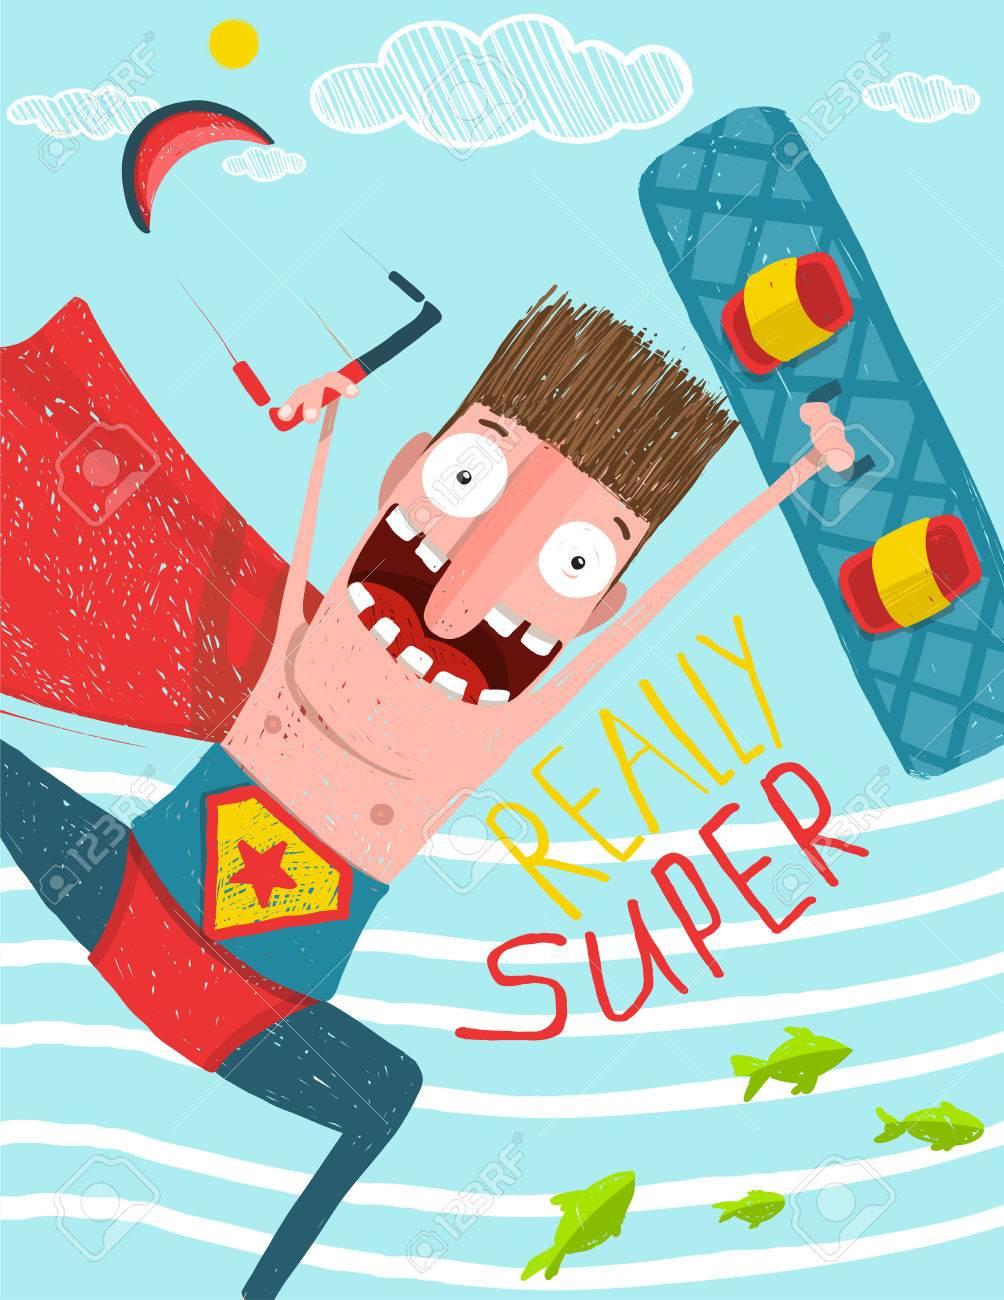 カイト サーフィン似顔絵漫画カード デザインヒーロー面白いユーモア